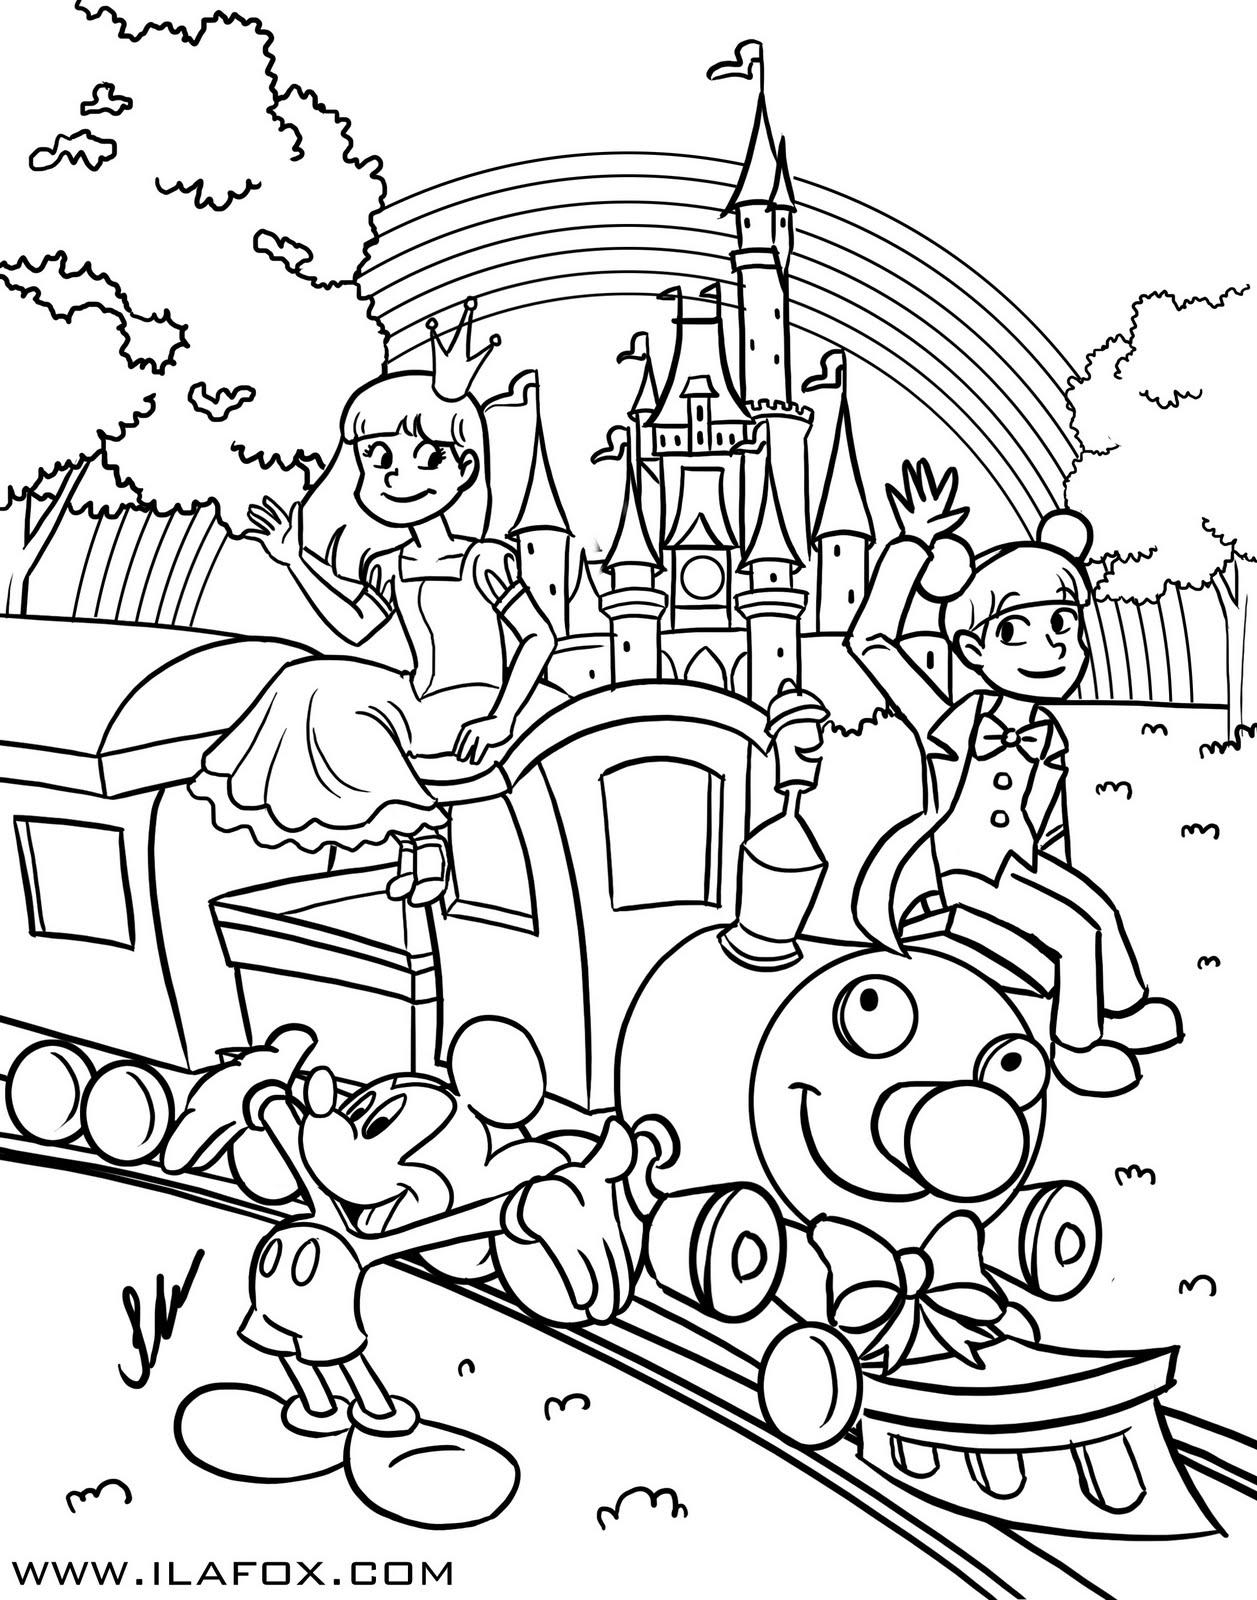 desenhos para colorir desenhos diversos